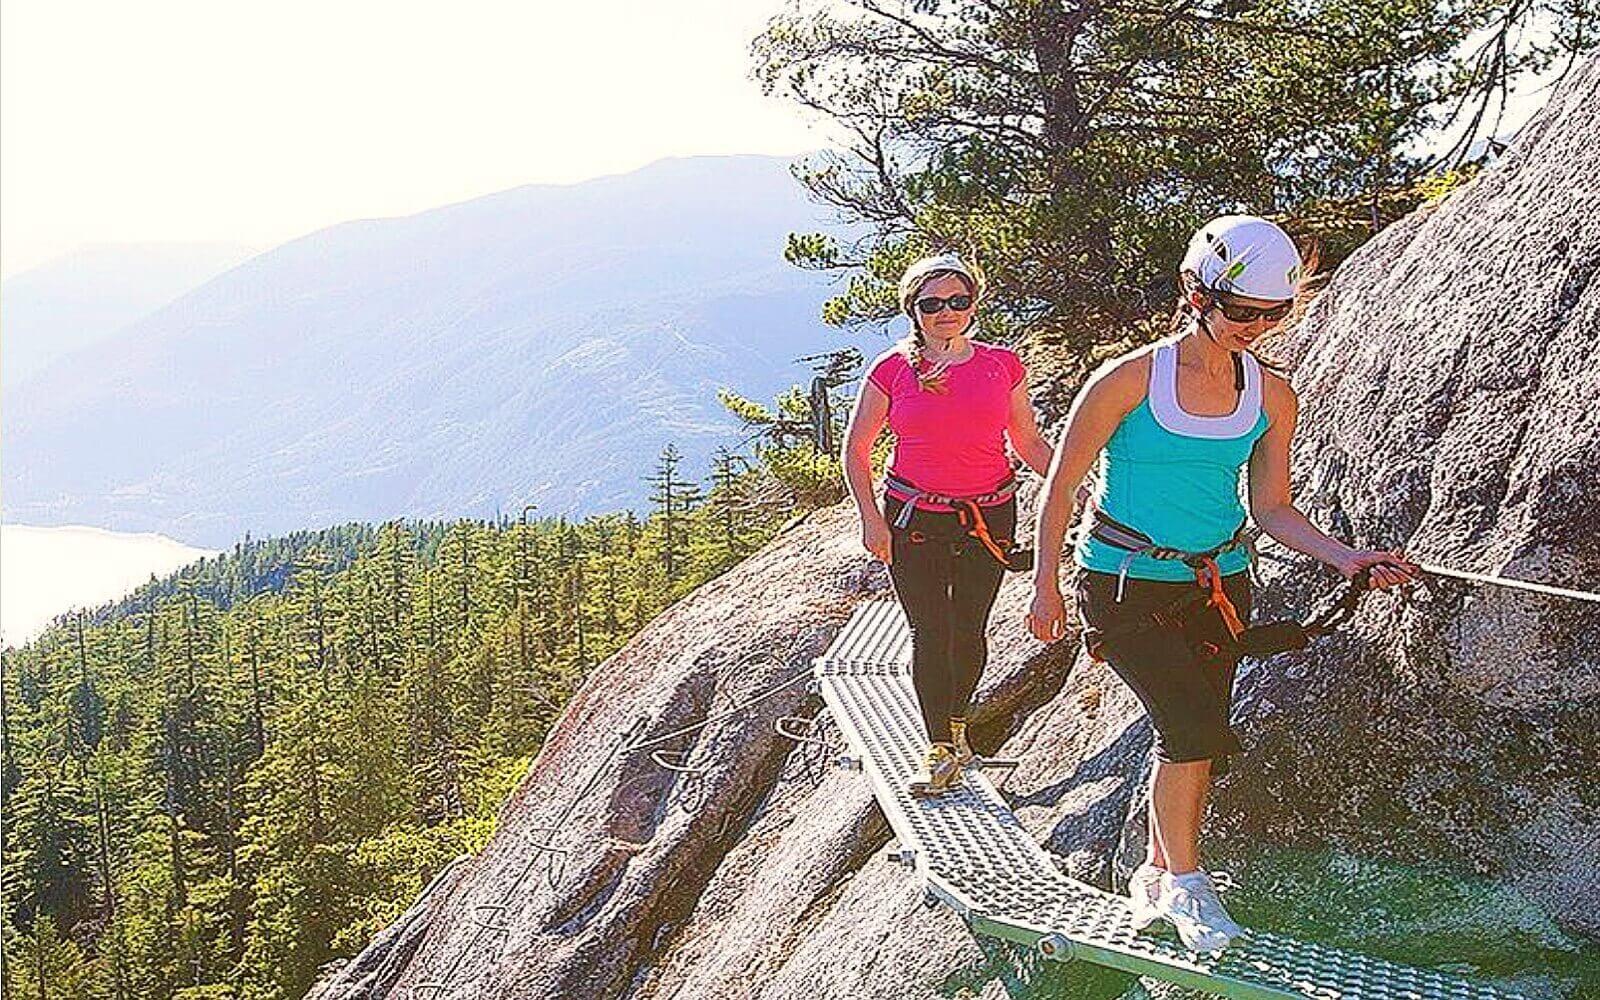 Two women enjoy the Via Ferrata Tour, Squamish BC